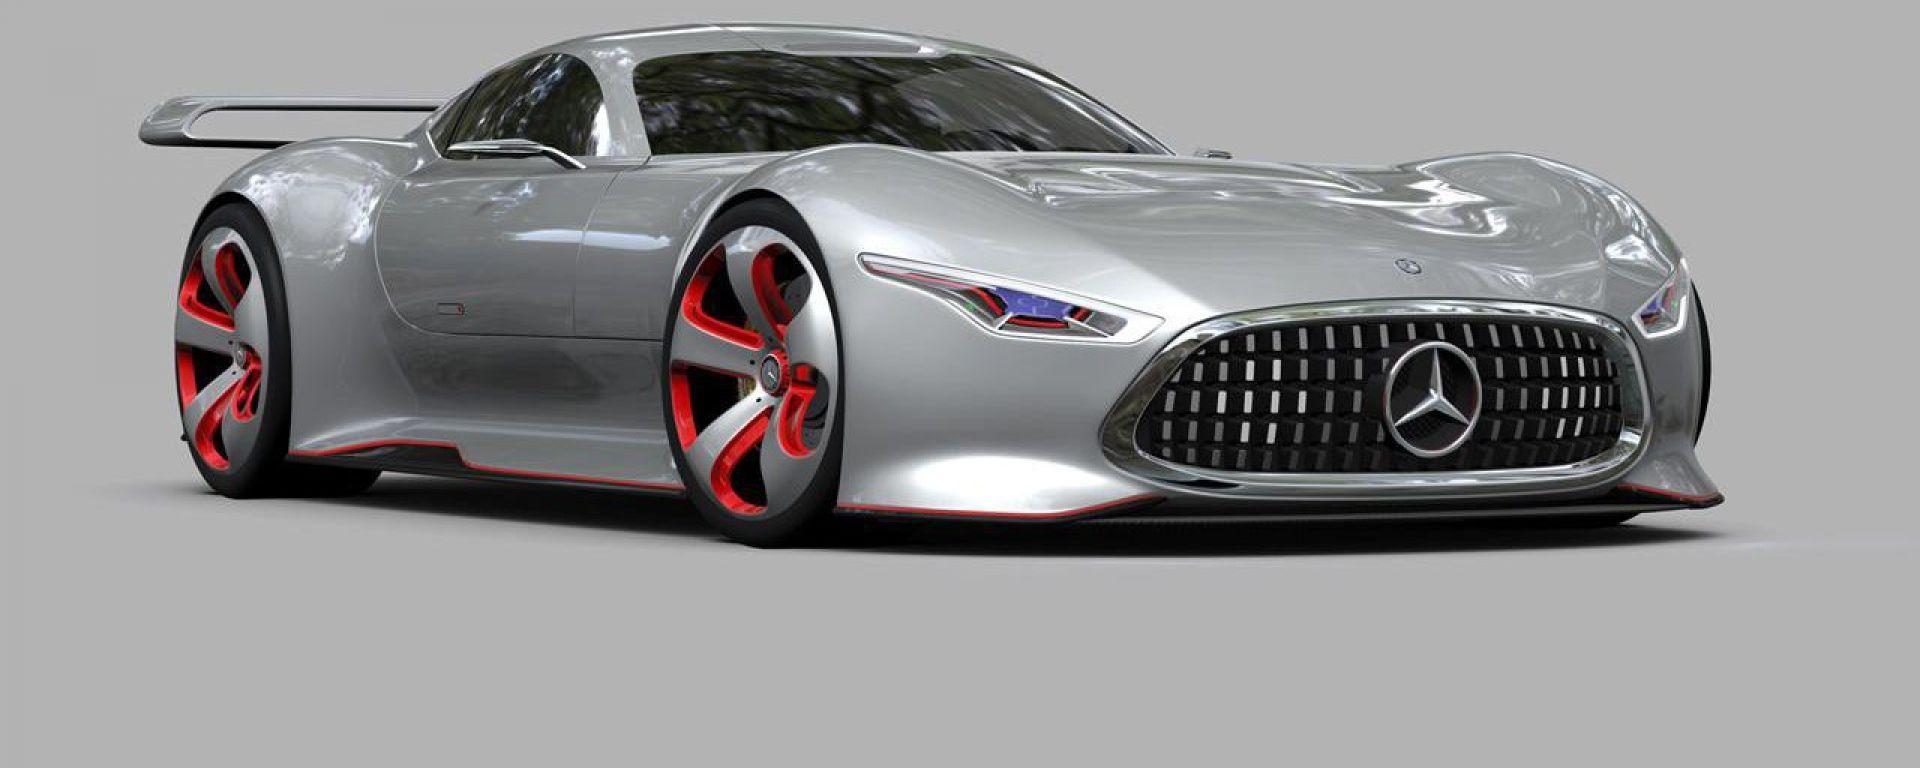 Mercedes-AMG: la hypercar tedesca potrebbe ispirarsi in parte alla Vision protagonista del videogioco Gran Turismo